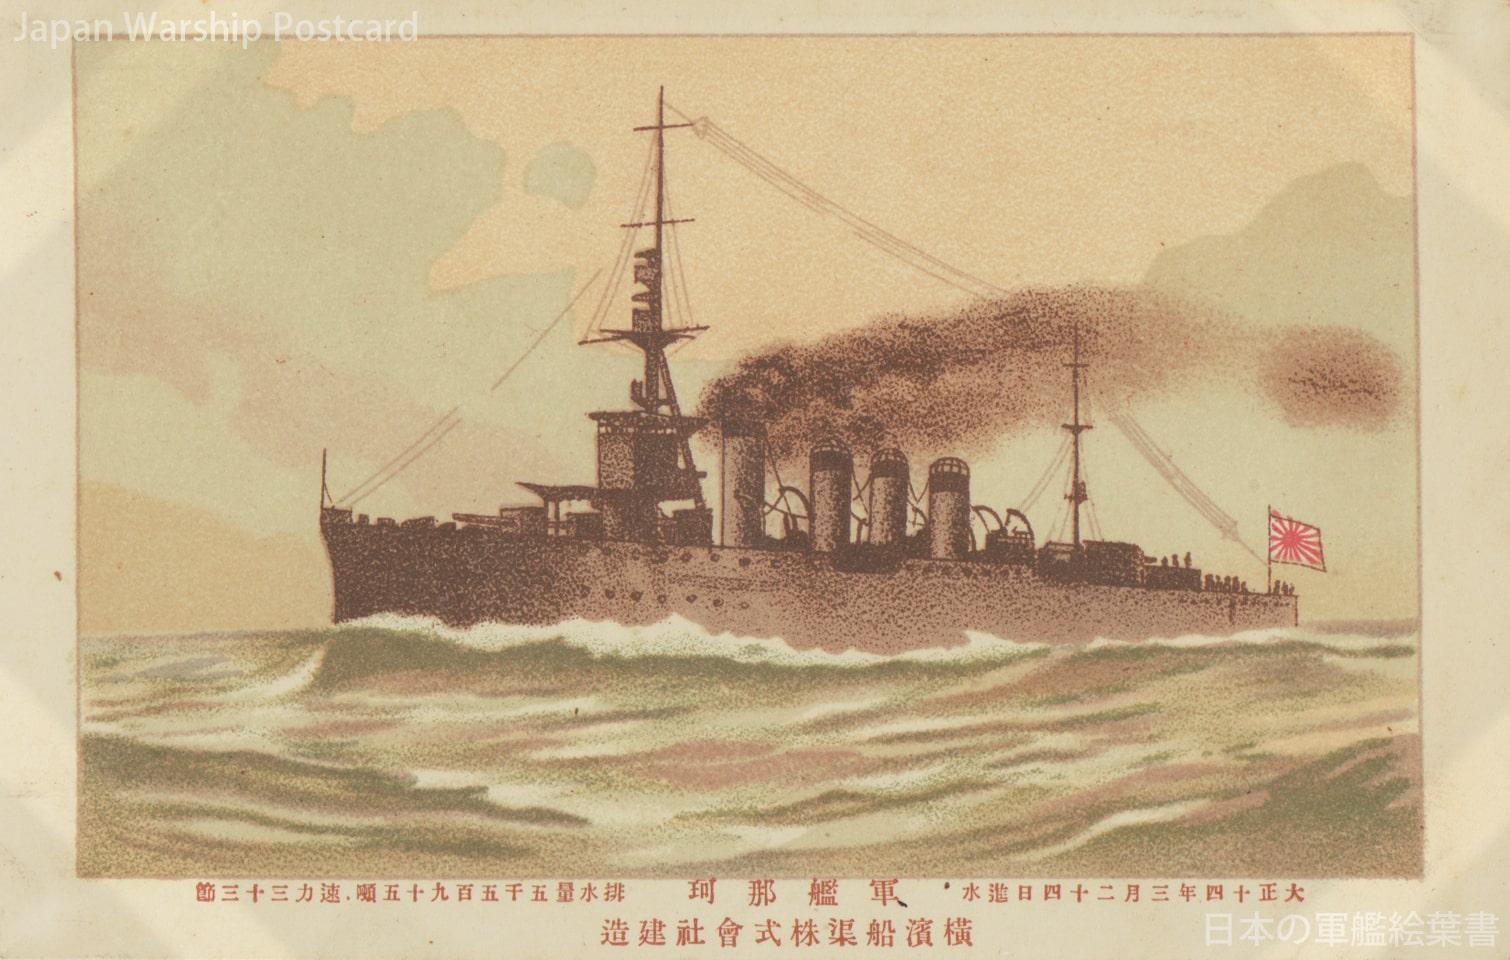 川内型軽巡洋艦「那珂」